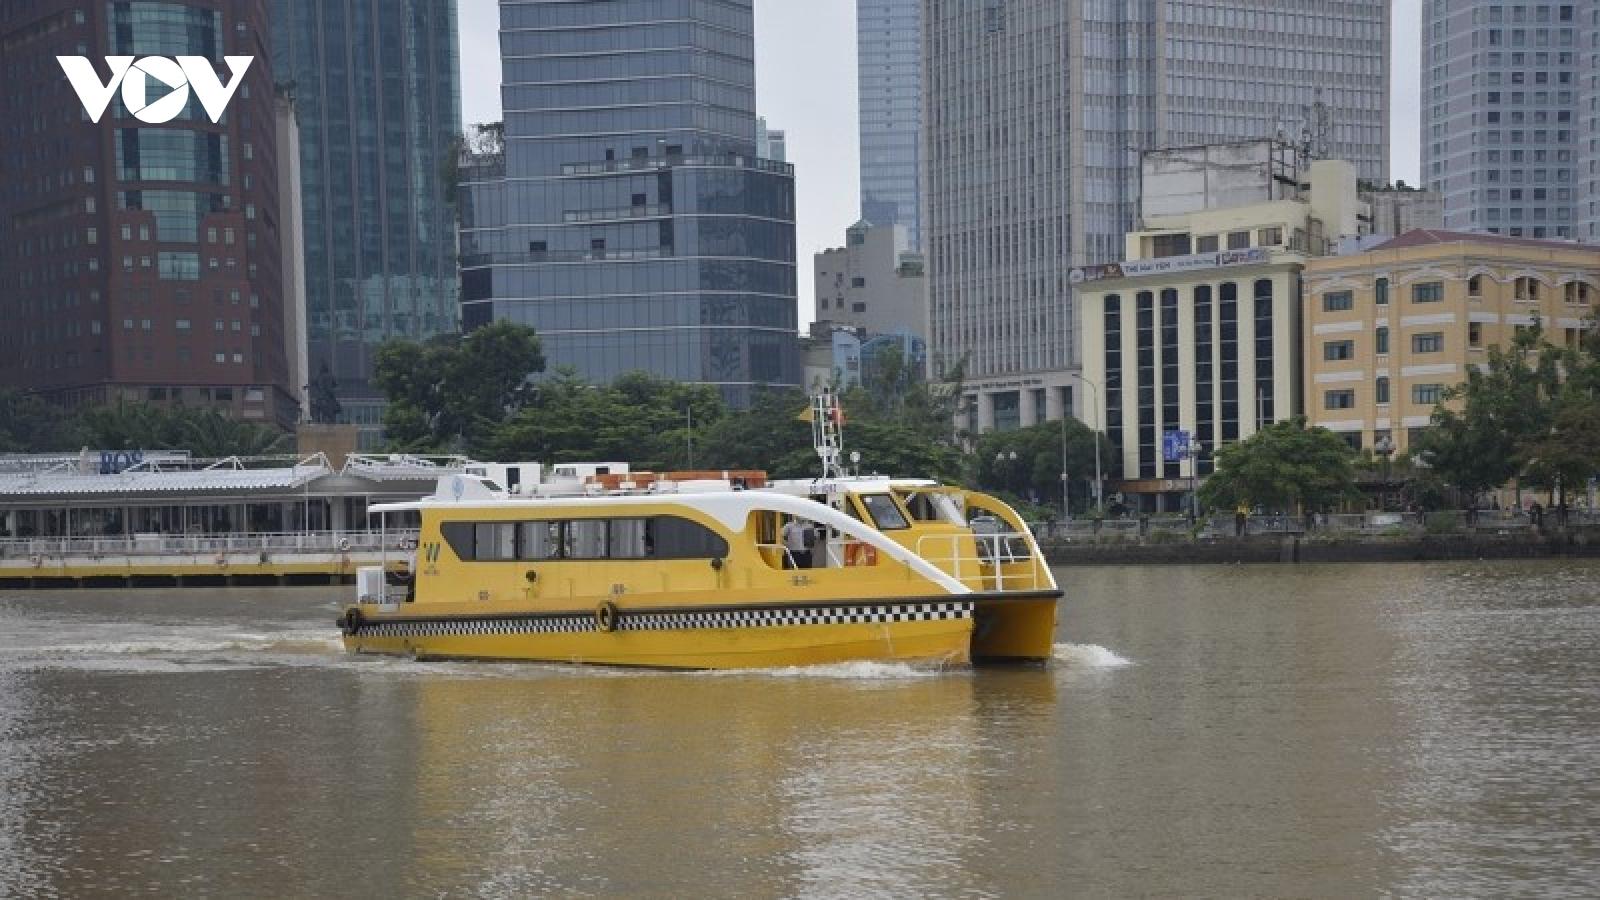 Buýt sông TP.HCM hoạt động trở lại